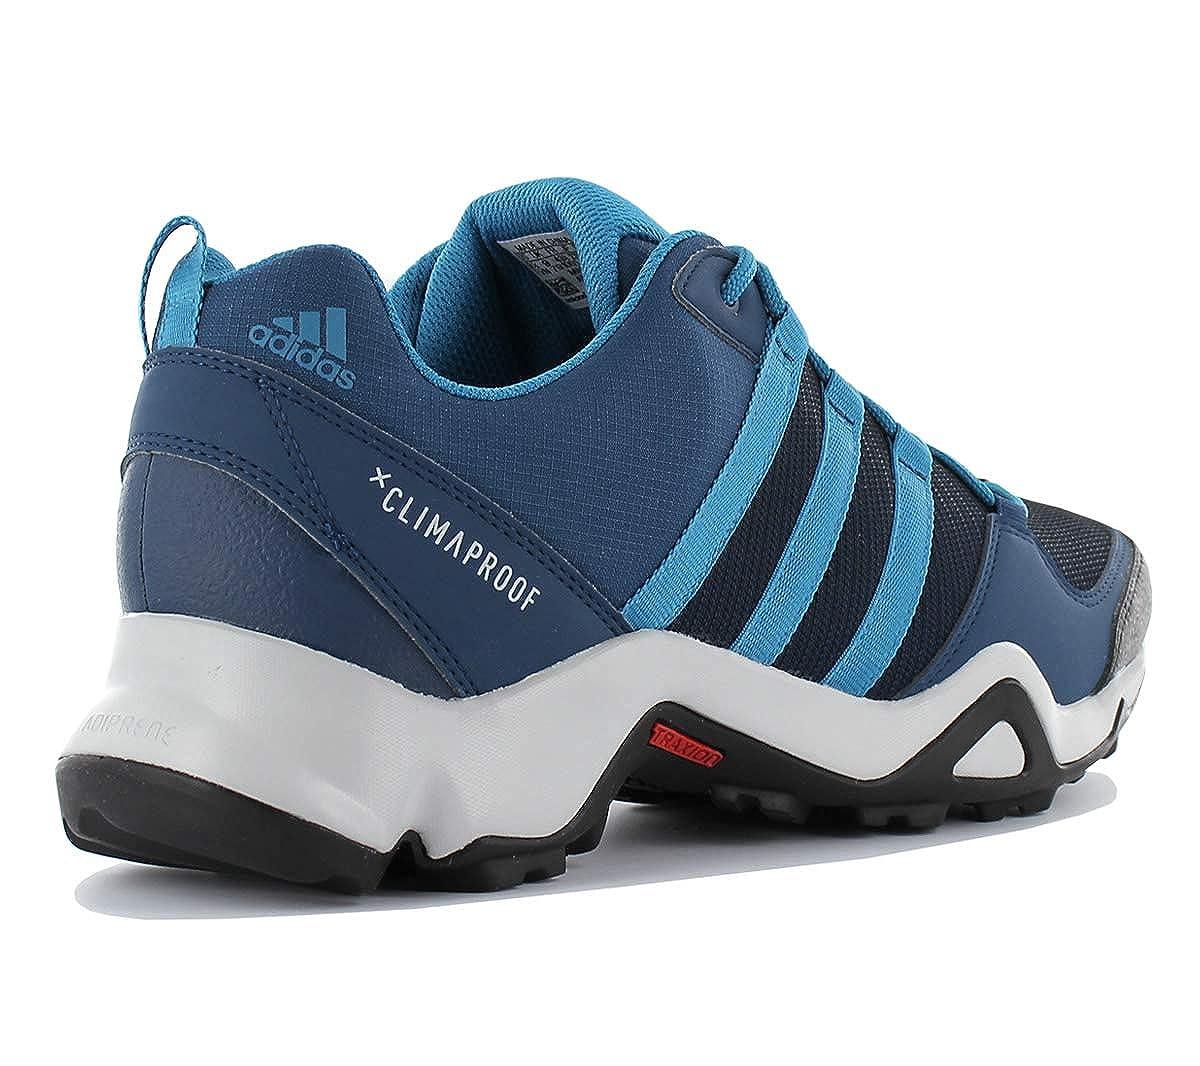 new product e548d 1295a adidas Ax2 CP, Chaussures de Randonnée Basses Homme